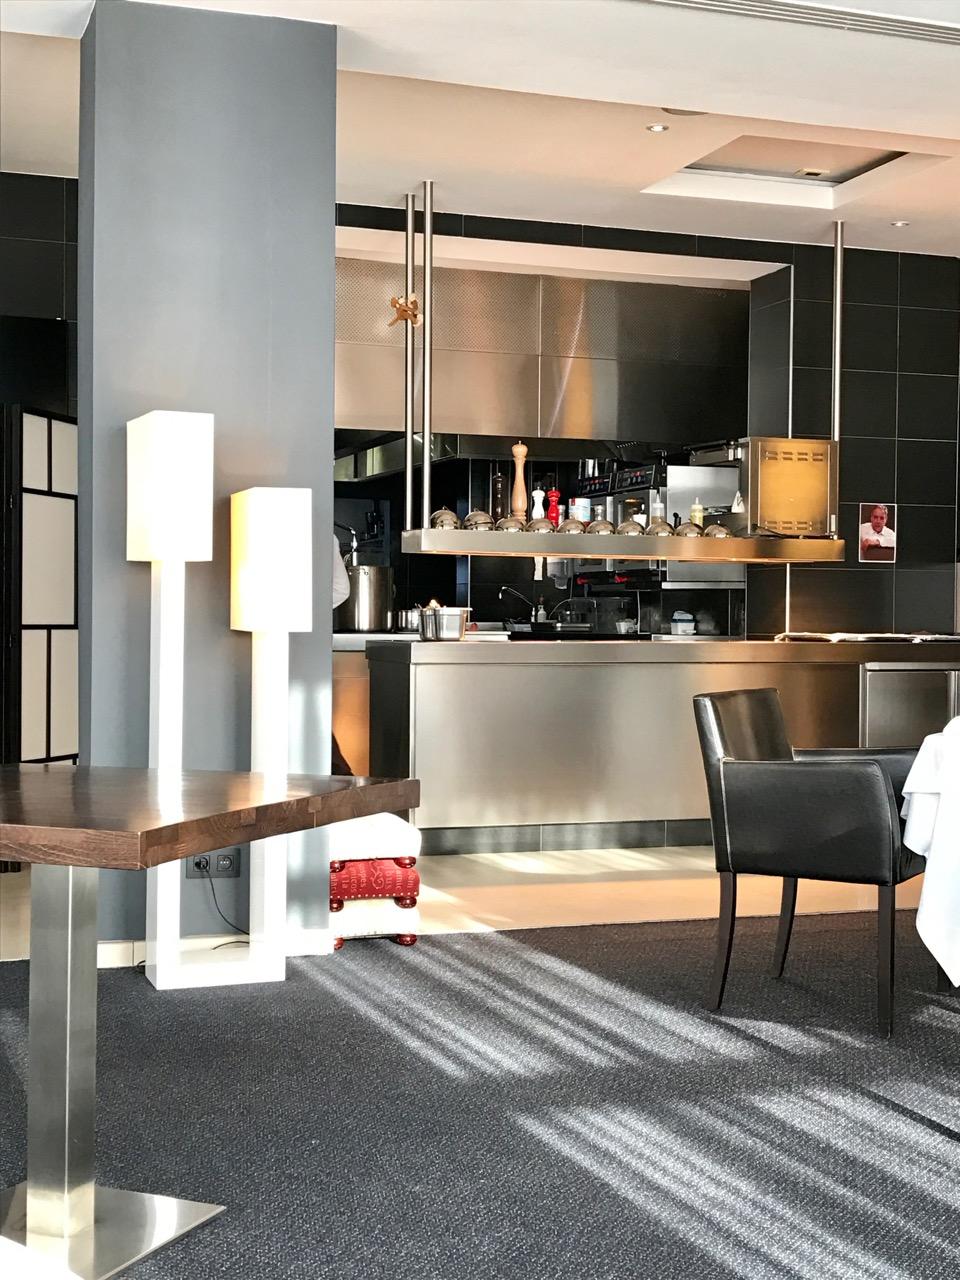 Restaurant Pouic Pouic - La cuisine ouverte